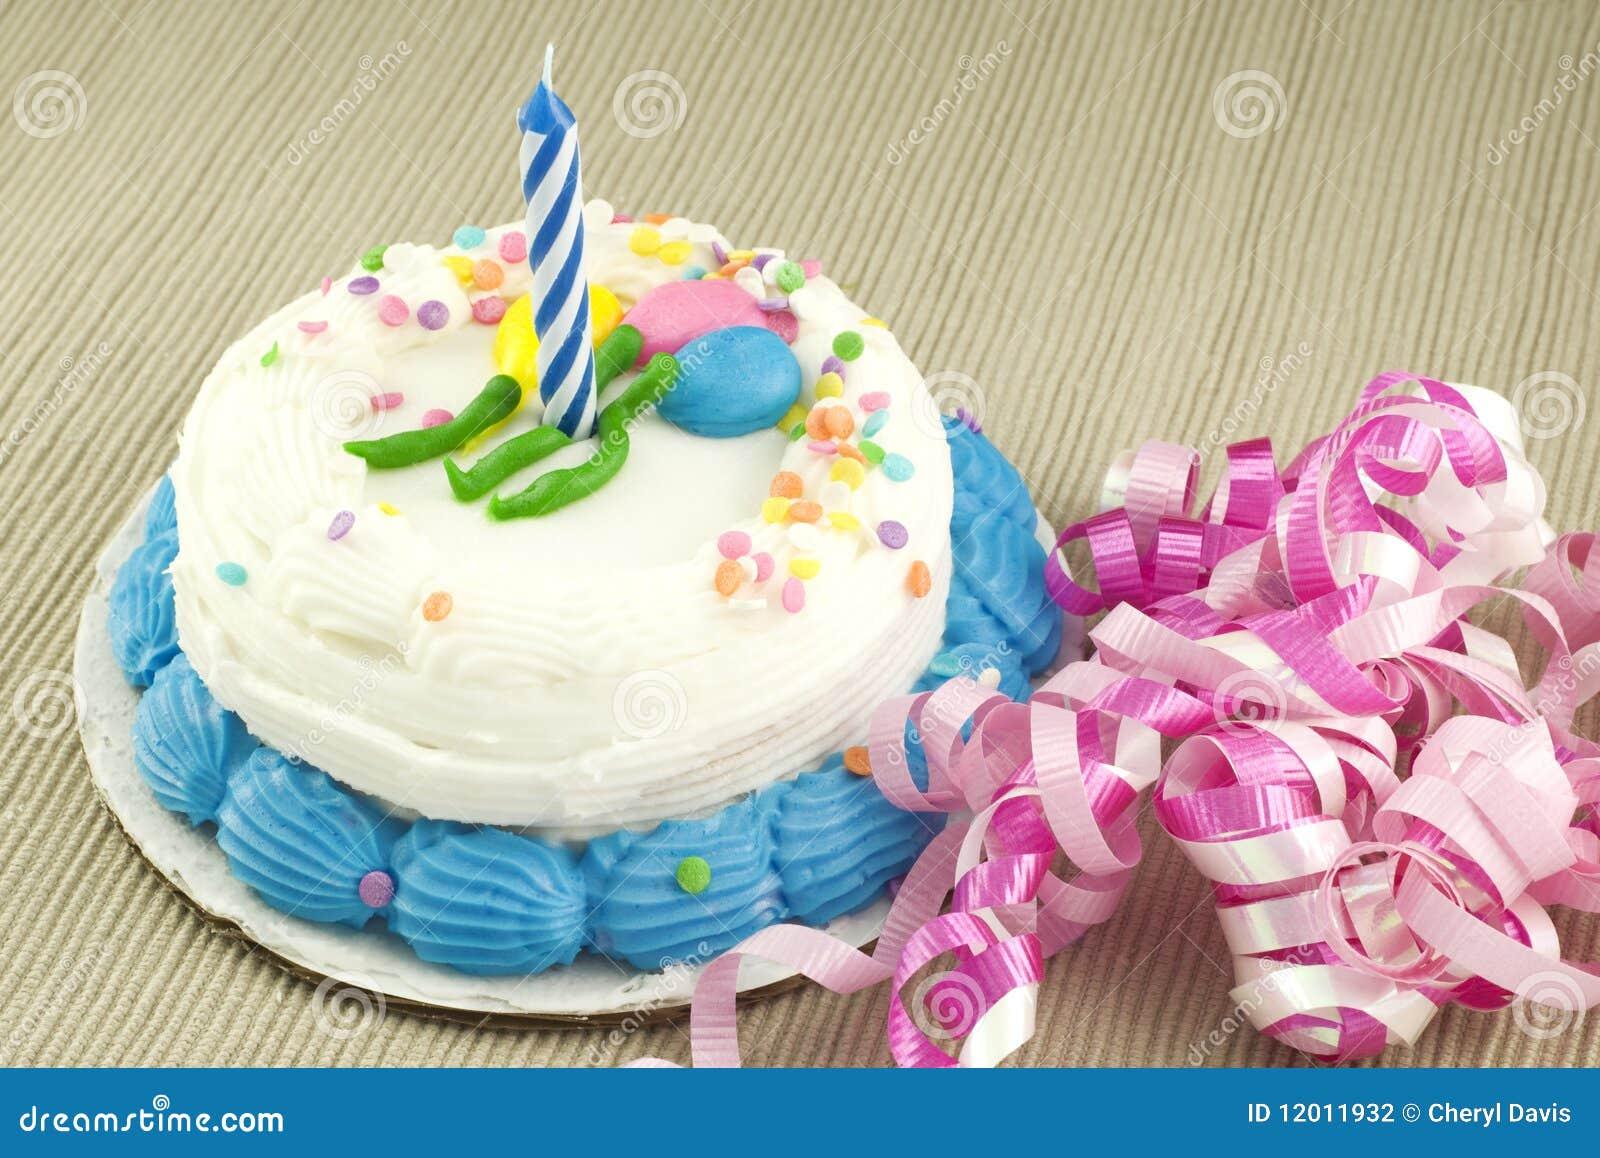 One Year Birthday Cake Stock Photo Image Of Dessert 12011932